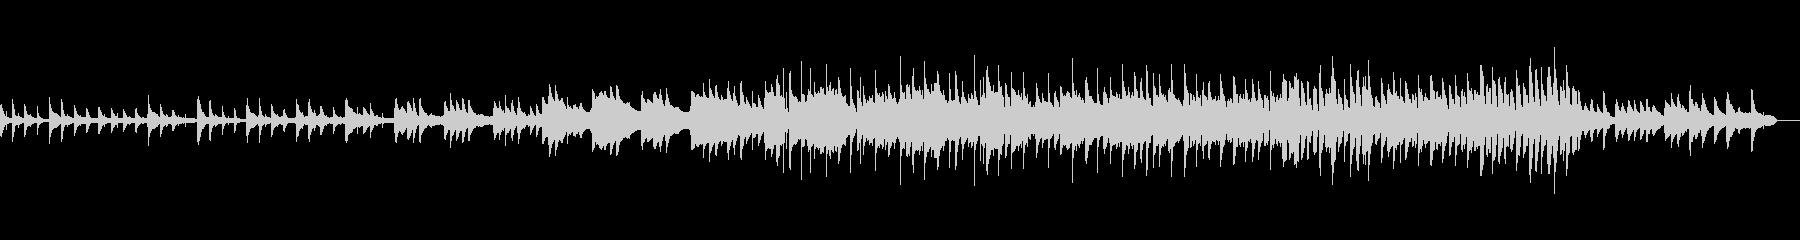 夜の紅葉狩りをイメージピアノメインBGMの未再生の波形